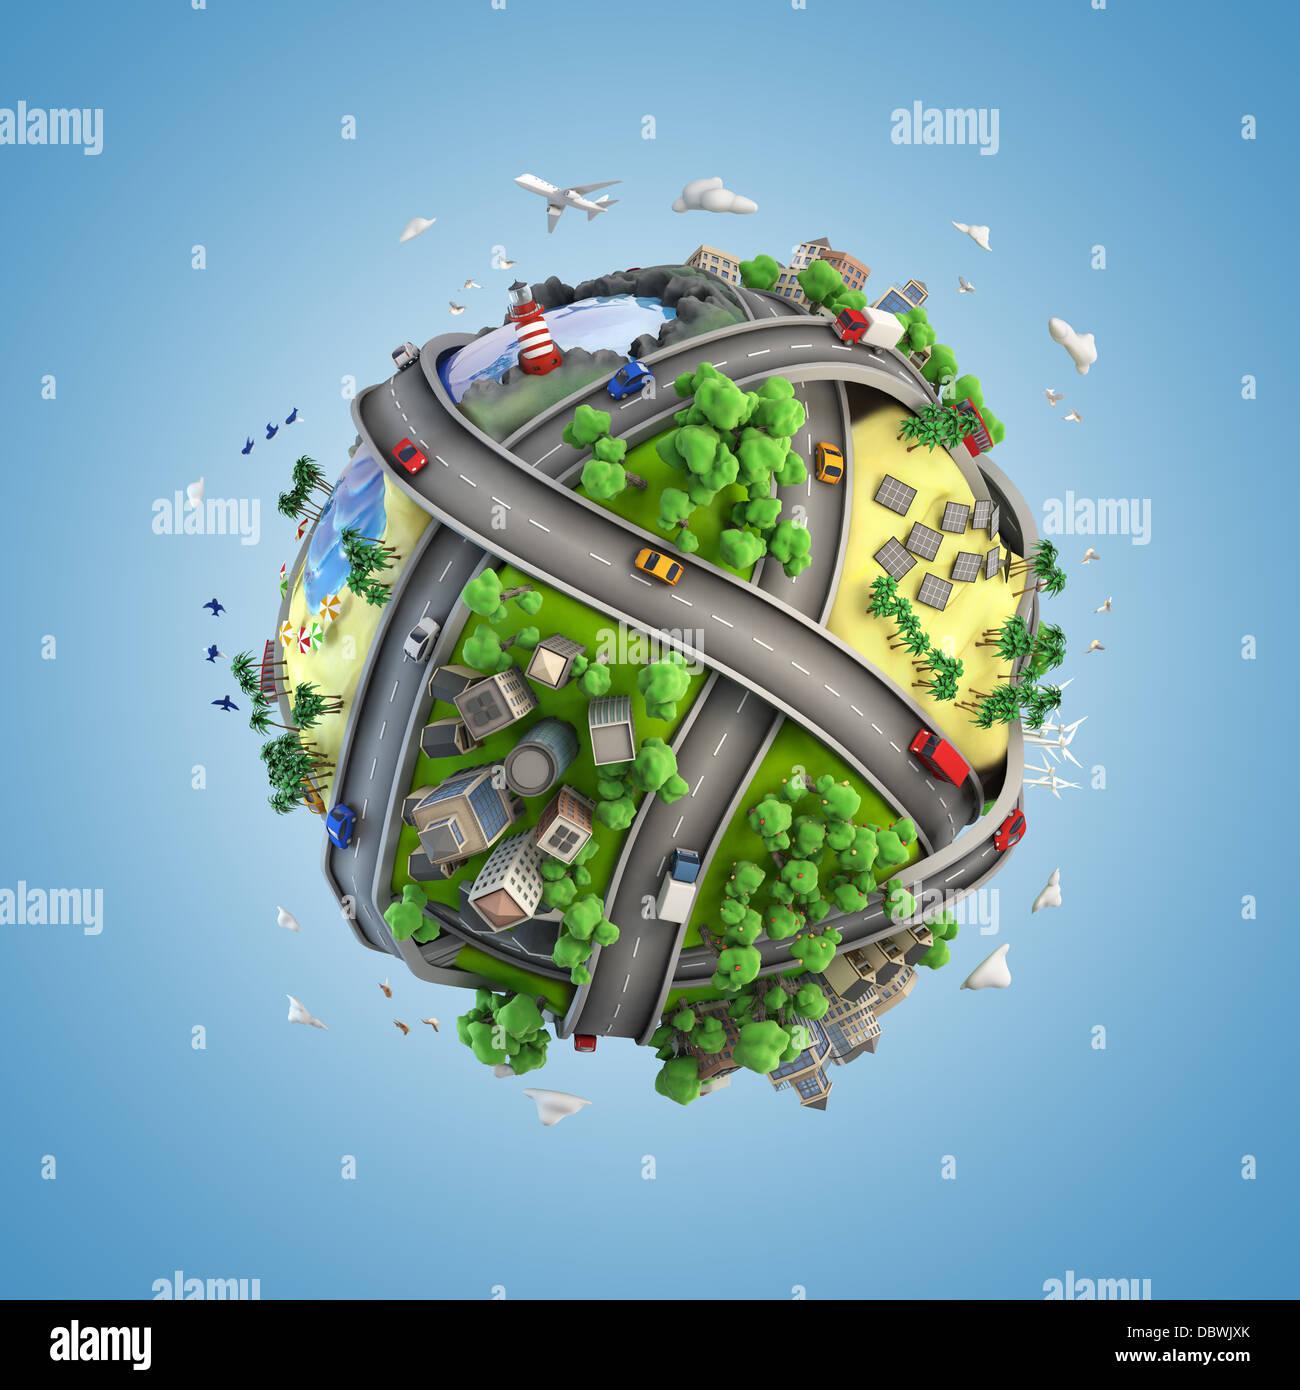 Concepto mundo mostrando la diversidad, el transporte y la energía verde en un estilo de dibujos animados Imagen De Stock